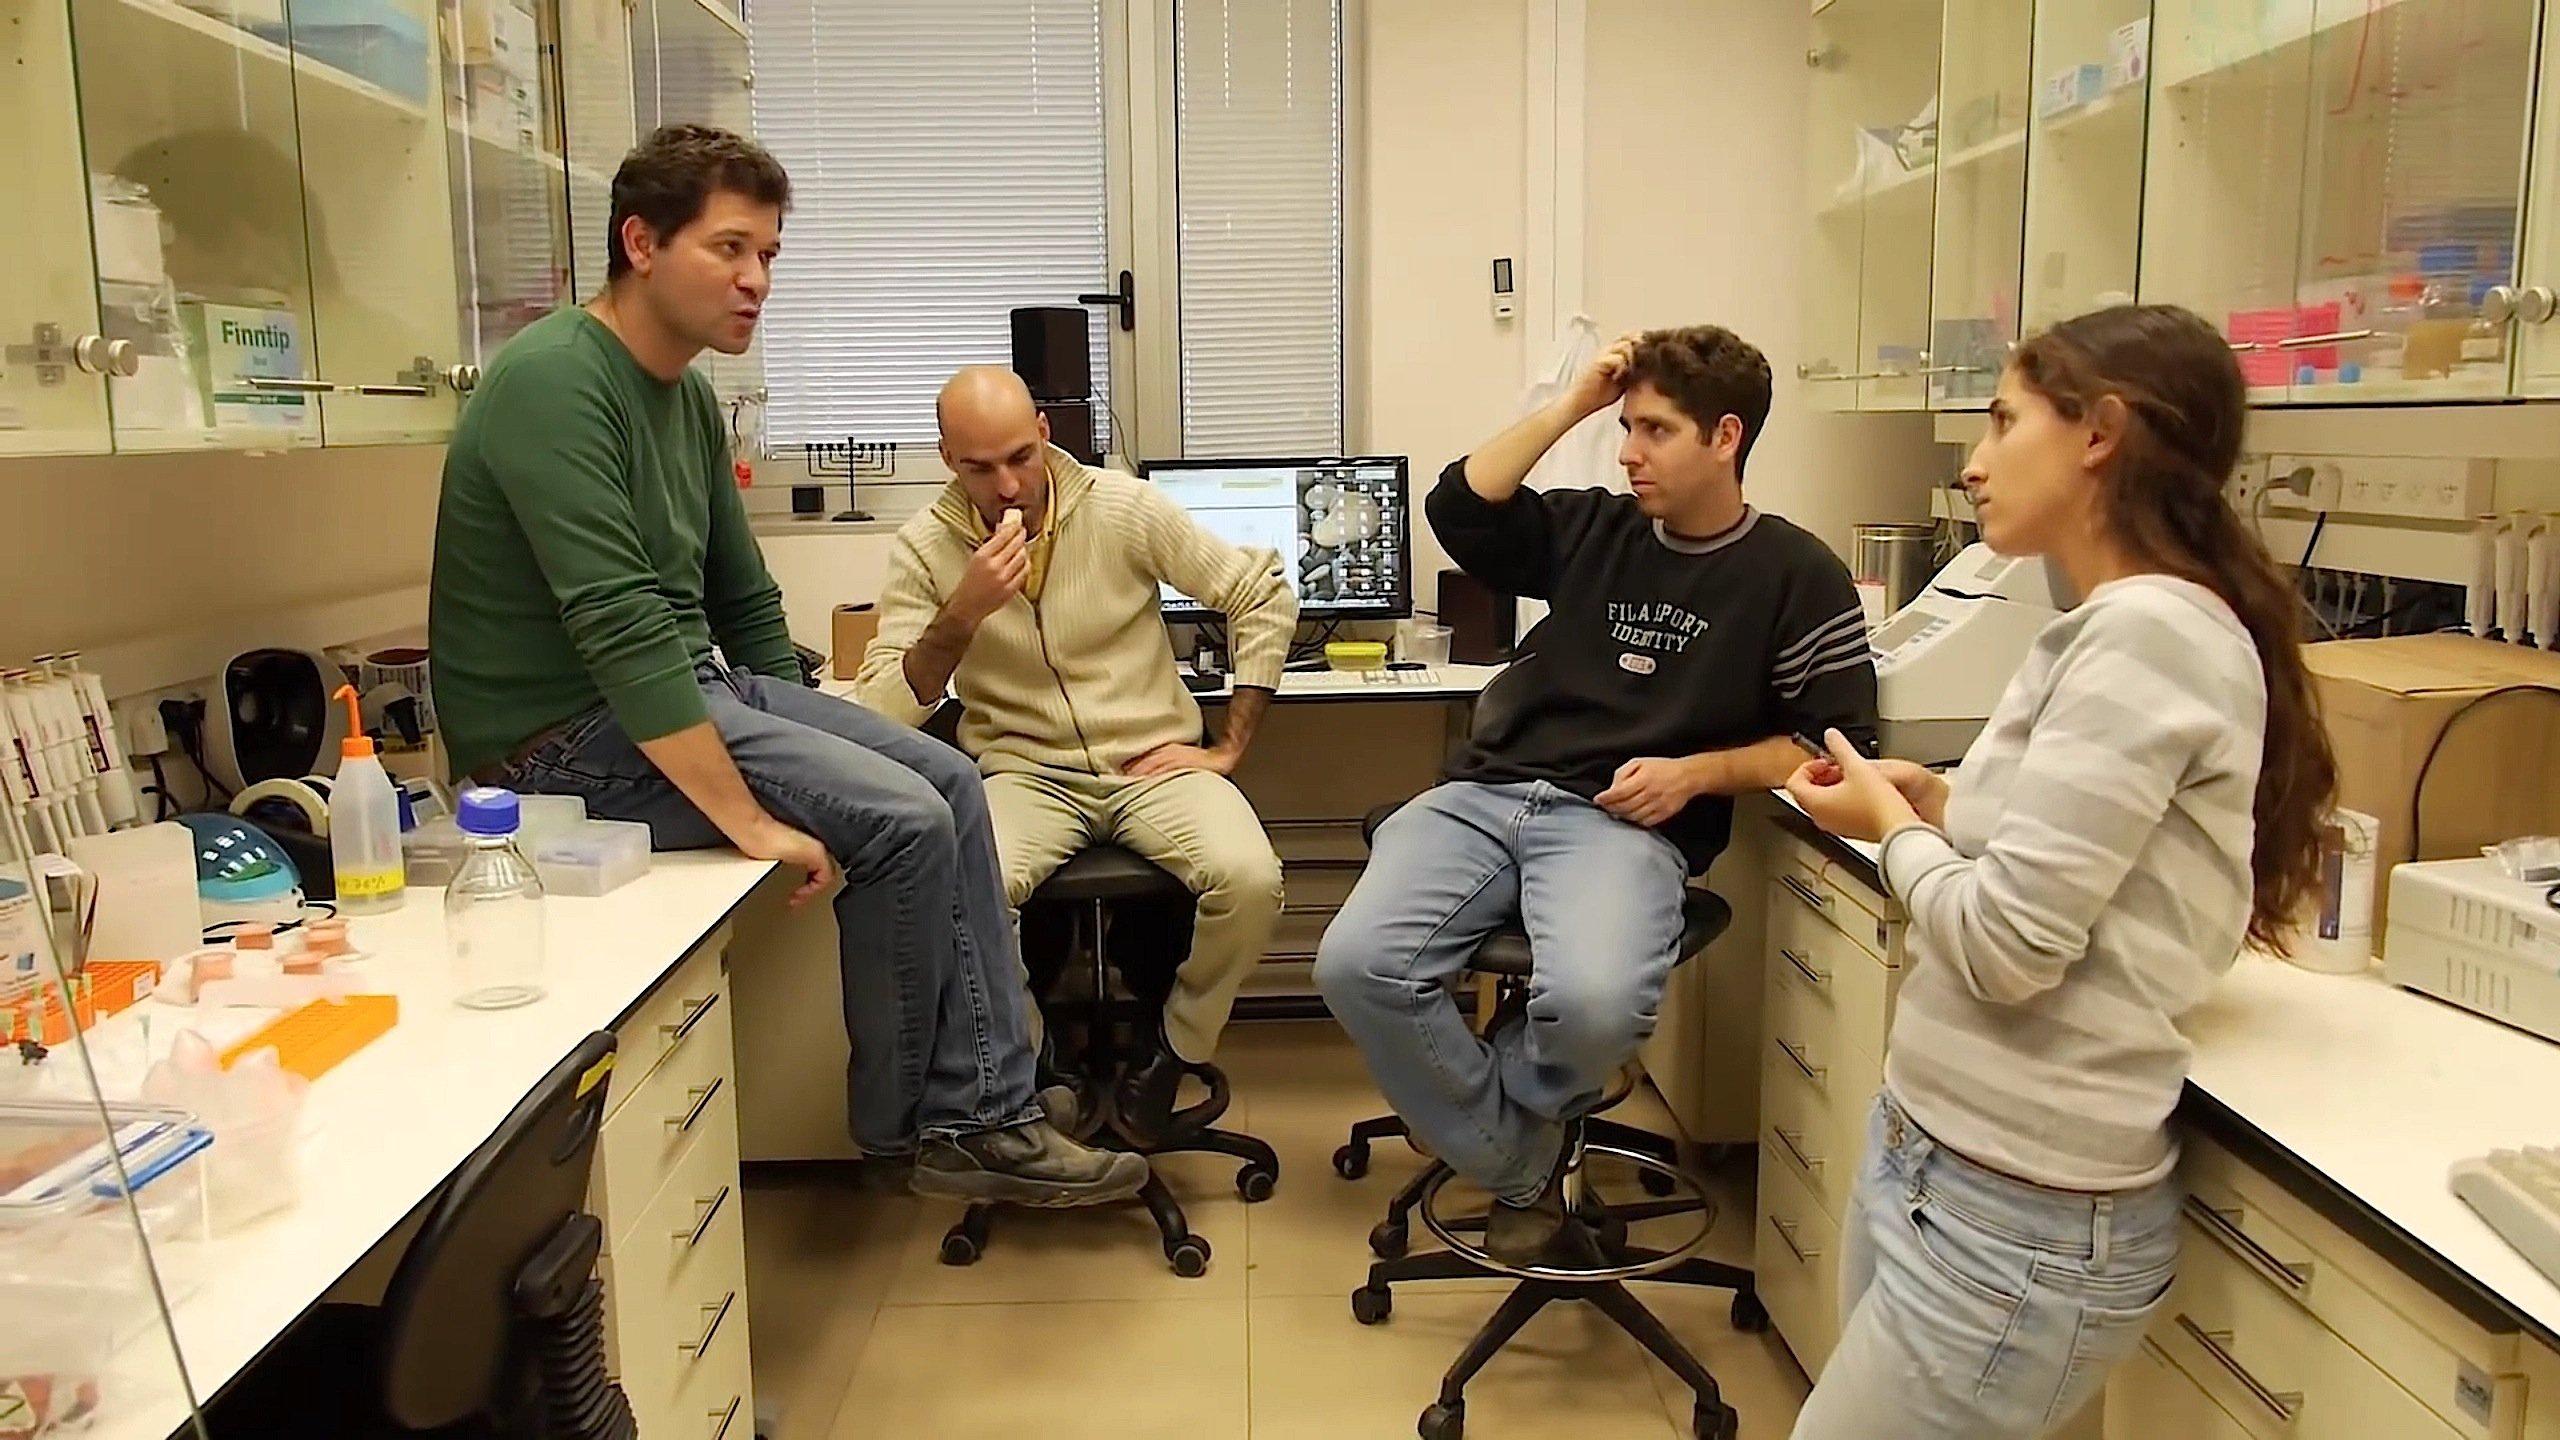 Das Forscherteam von Dr. Iftach Yacoby an der Universität Tel Aviv (l.) will das EnzymHydrogenase synthetisch herstellen, um die Wasserstoffproduktion weiter zu steigern.